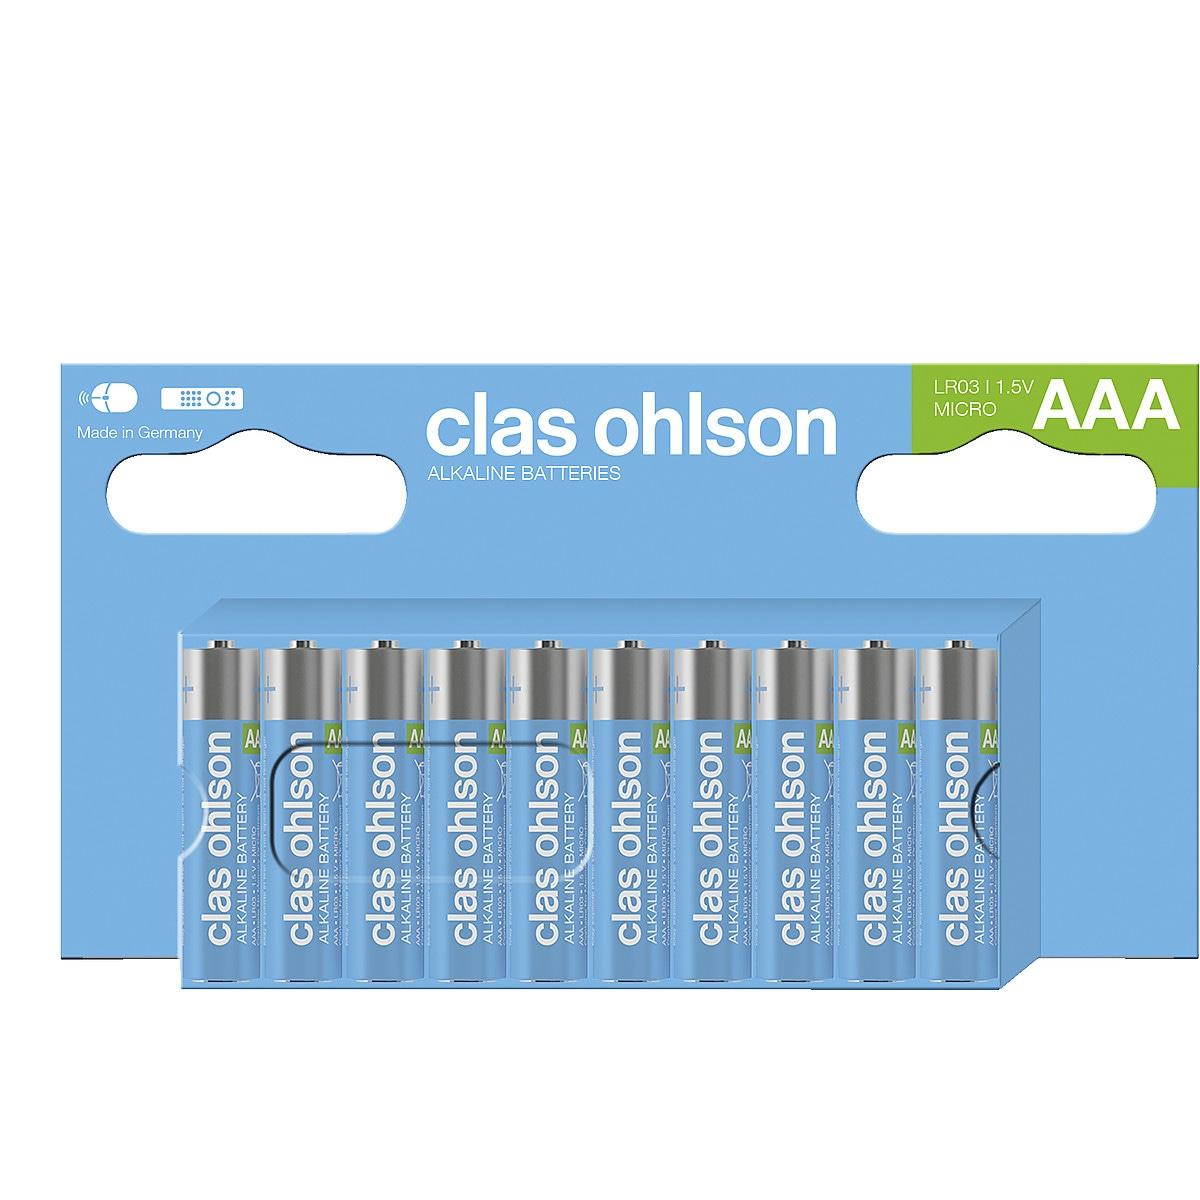 Clas Ohlson alkalisk batteri AAA/LR03